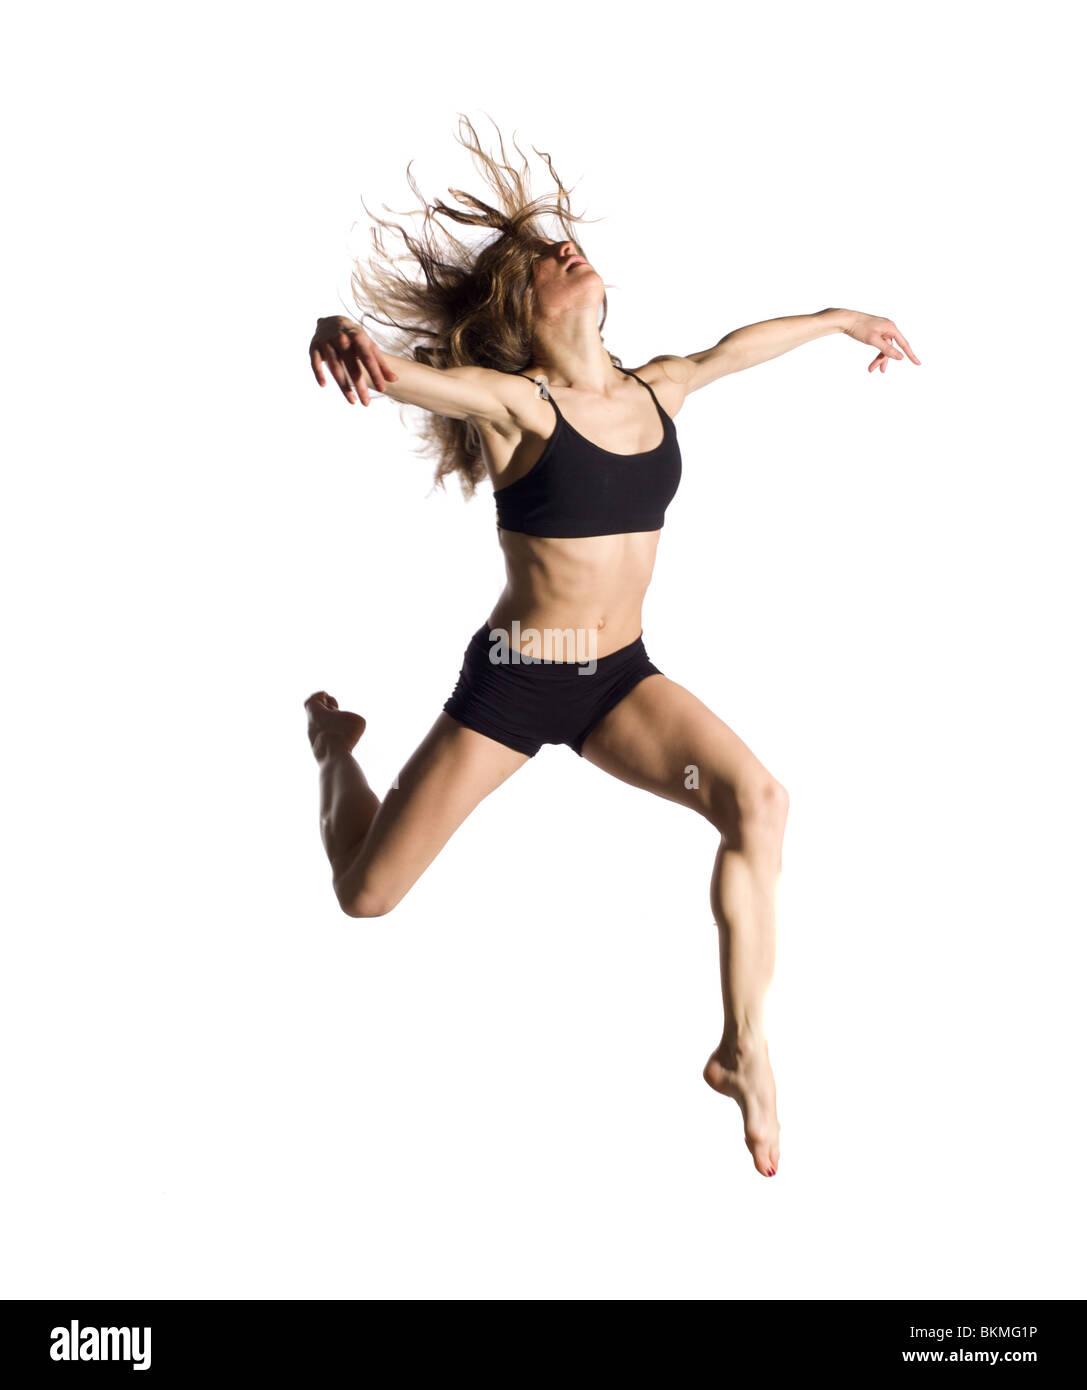 Joven y bella bailarina profesional saltar Imagen De Stock